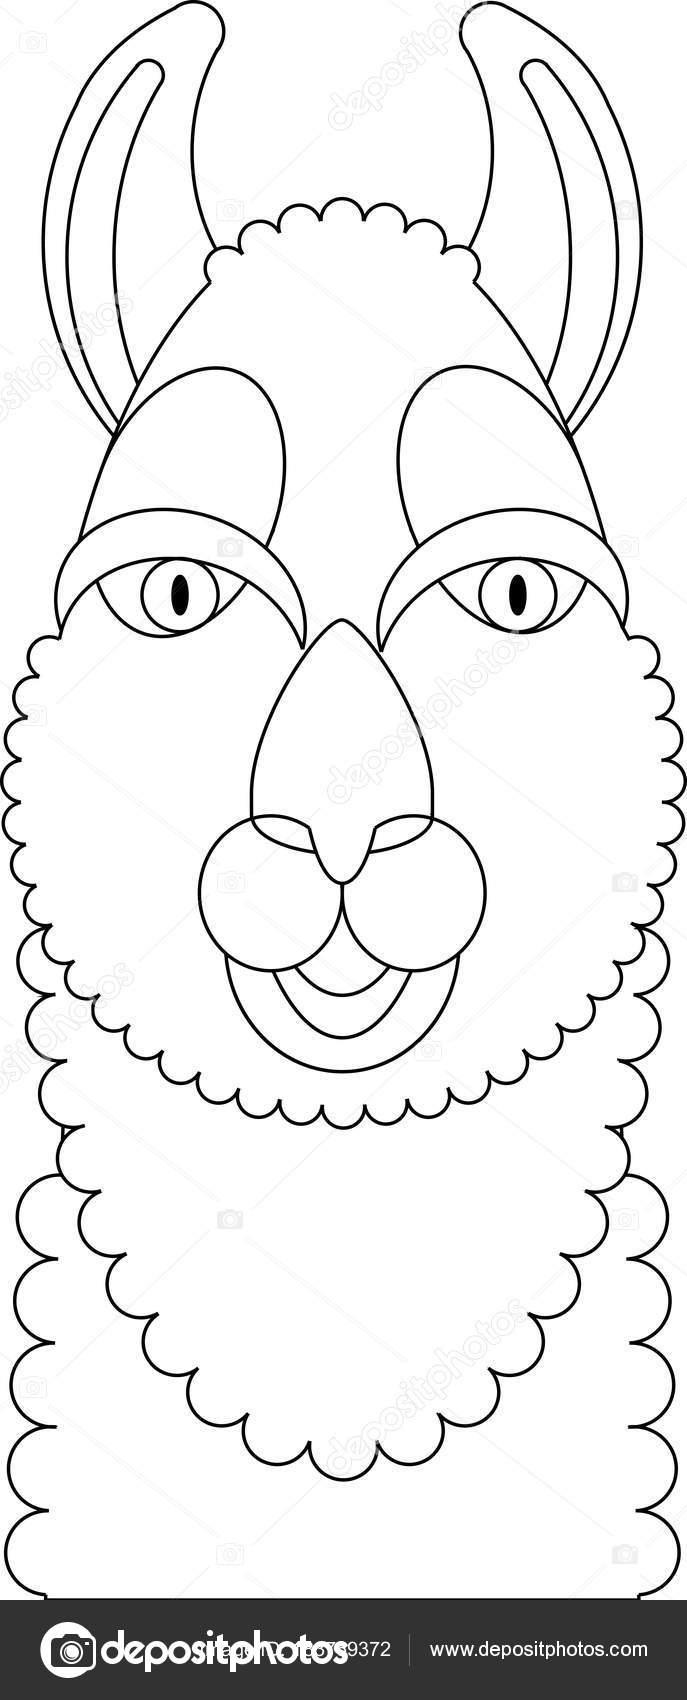 lama kleurplaat portret gemaakt in geometrische vlakke